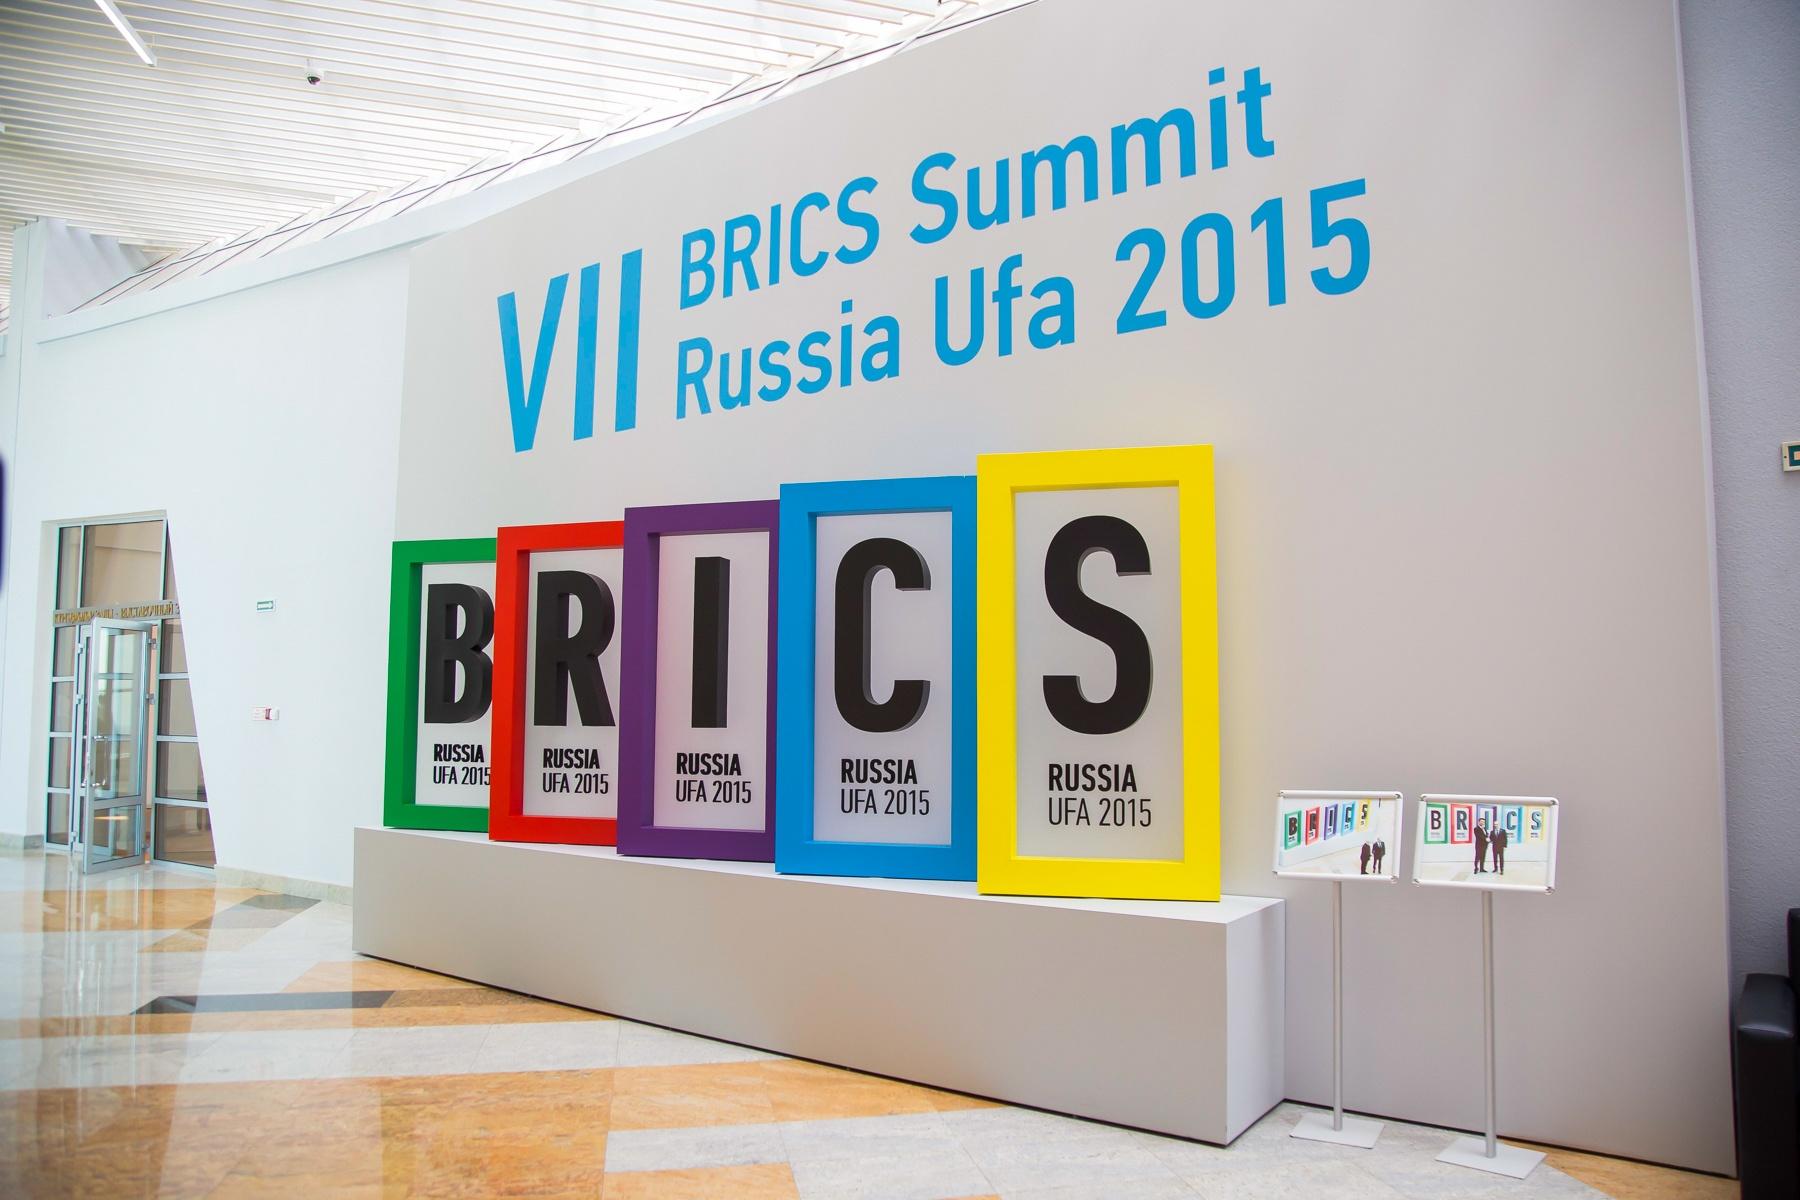 На этой площадке президент России Владимир Путин встречал своих зарубежных коллег